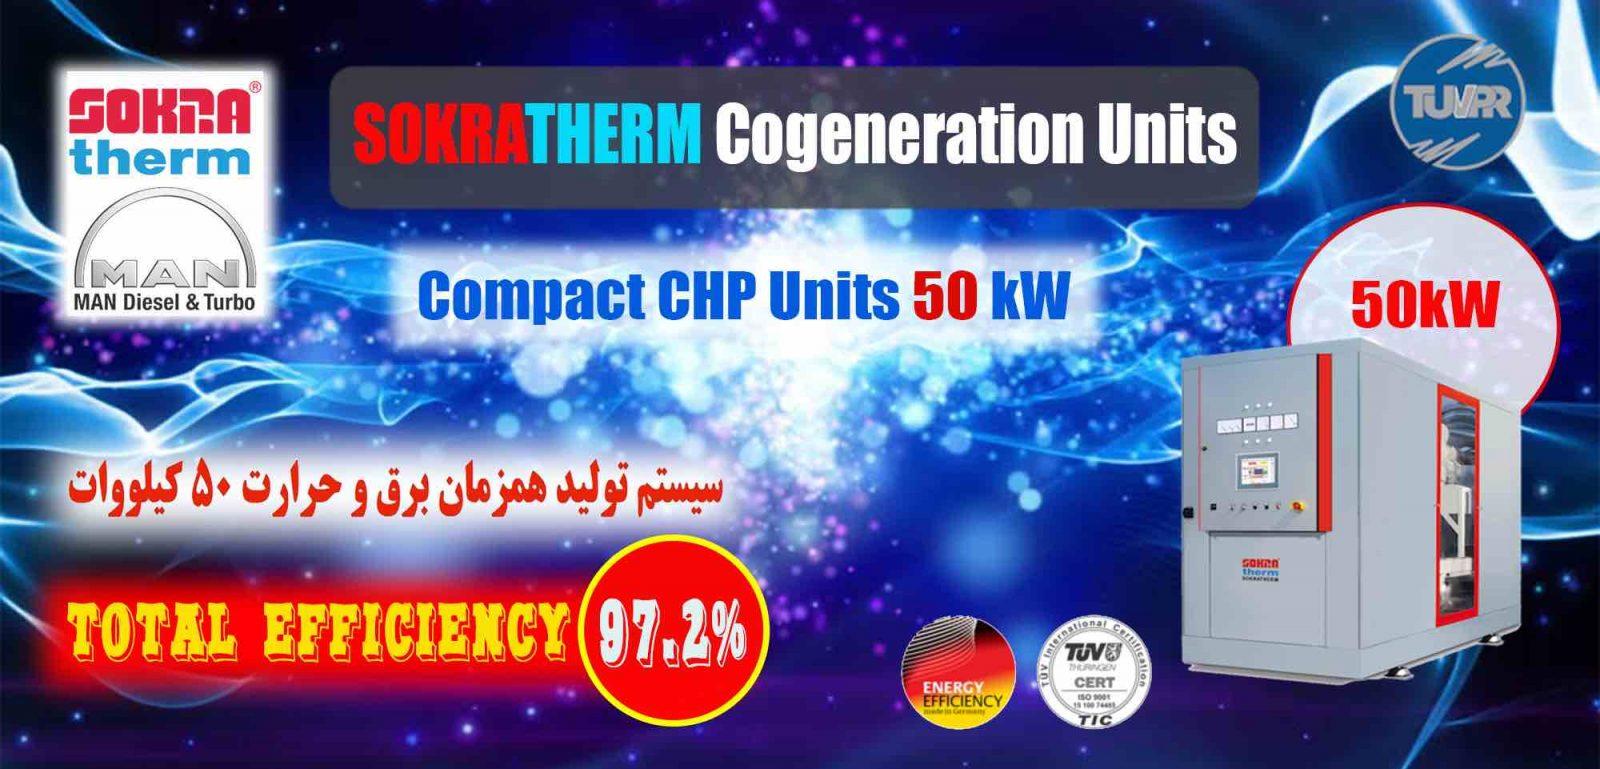 سیستم تولید همزمان برق و حرارت ۵۰ کیلووات آلمانی- شرکت پارس رایزن- 50 kW CHP combined head and power